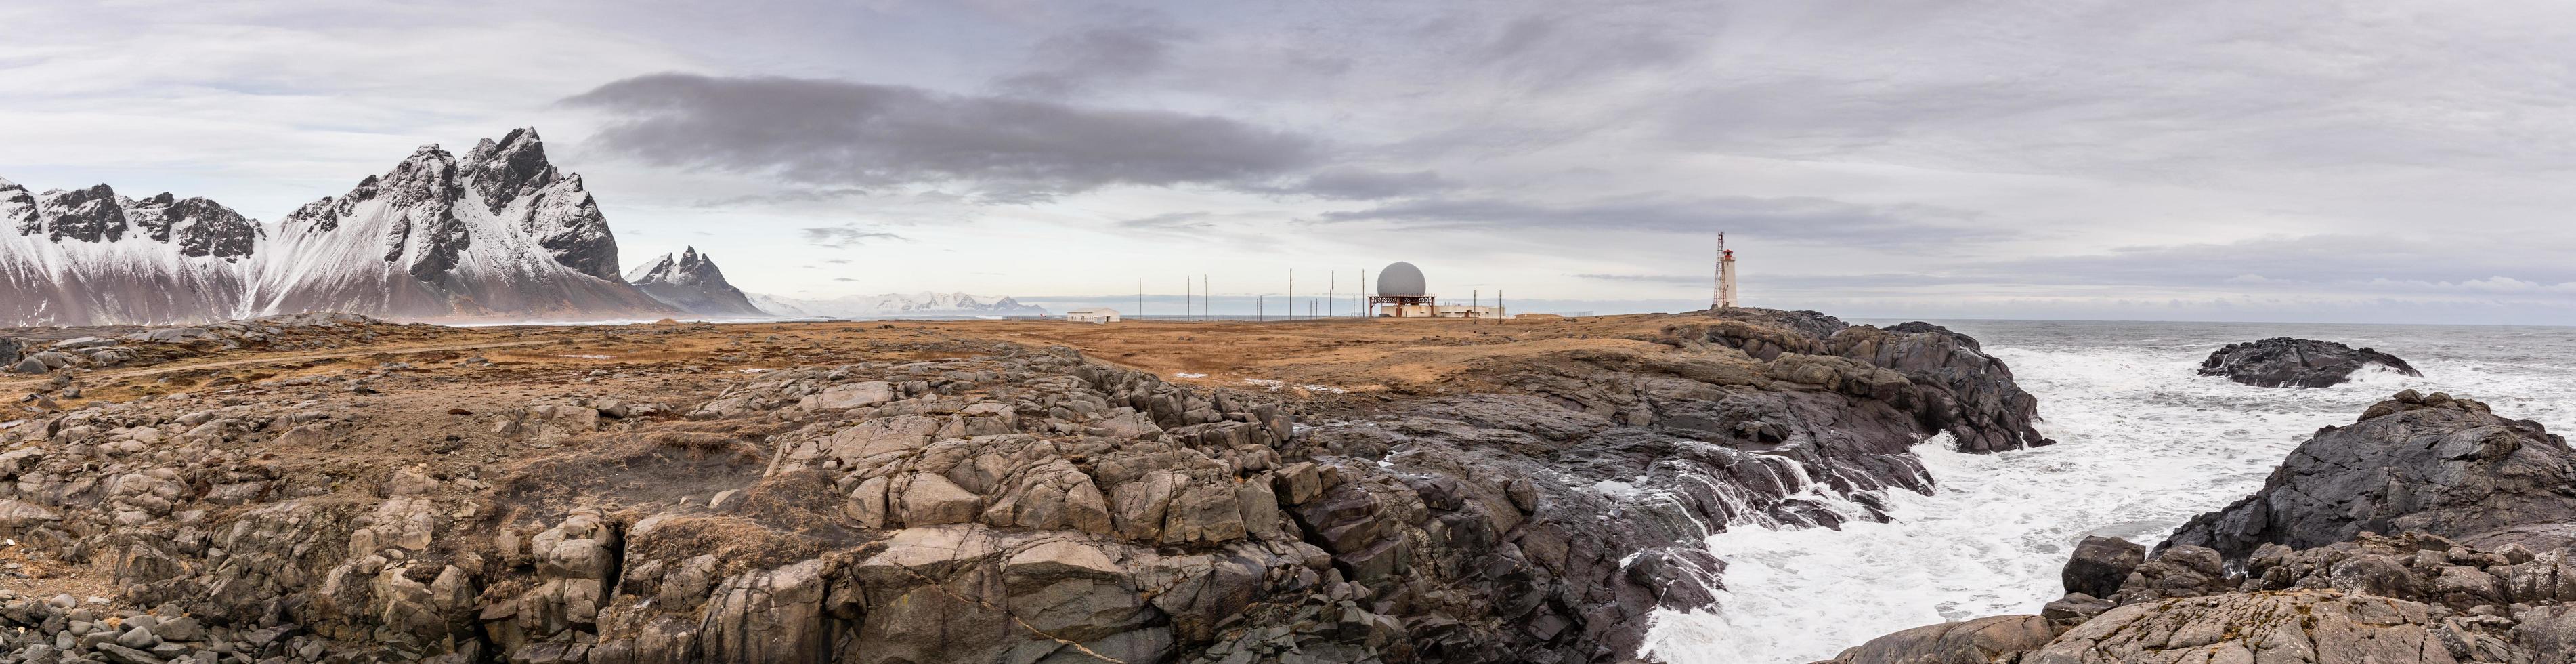 panorama över stokksnes i Vatnajokull nationalpark på Island foto